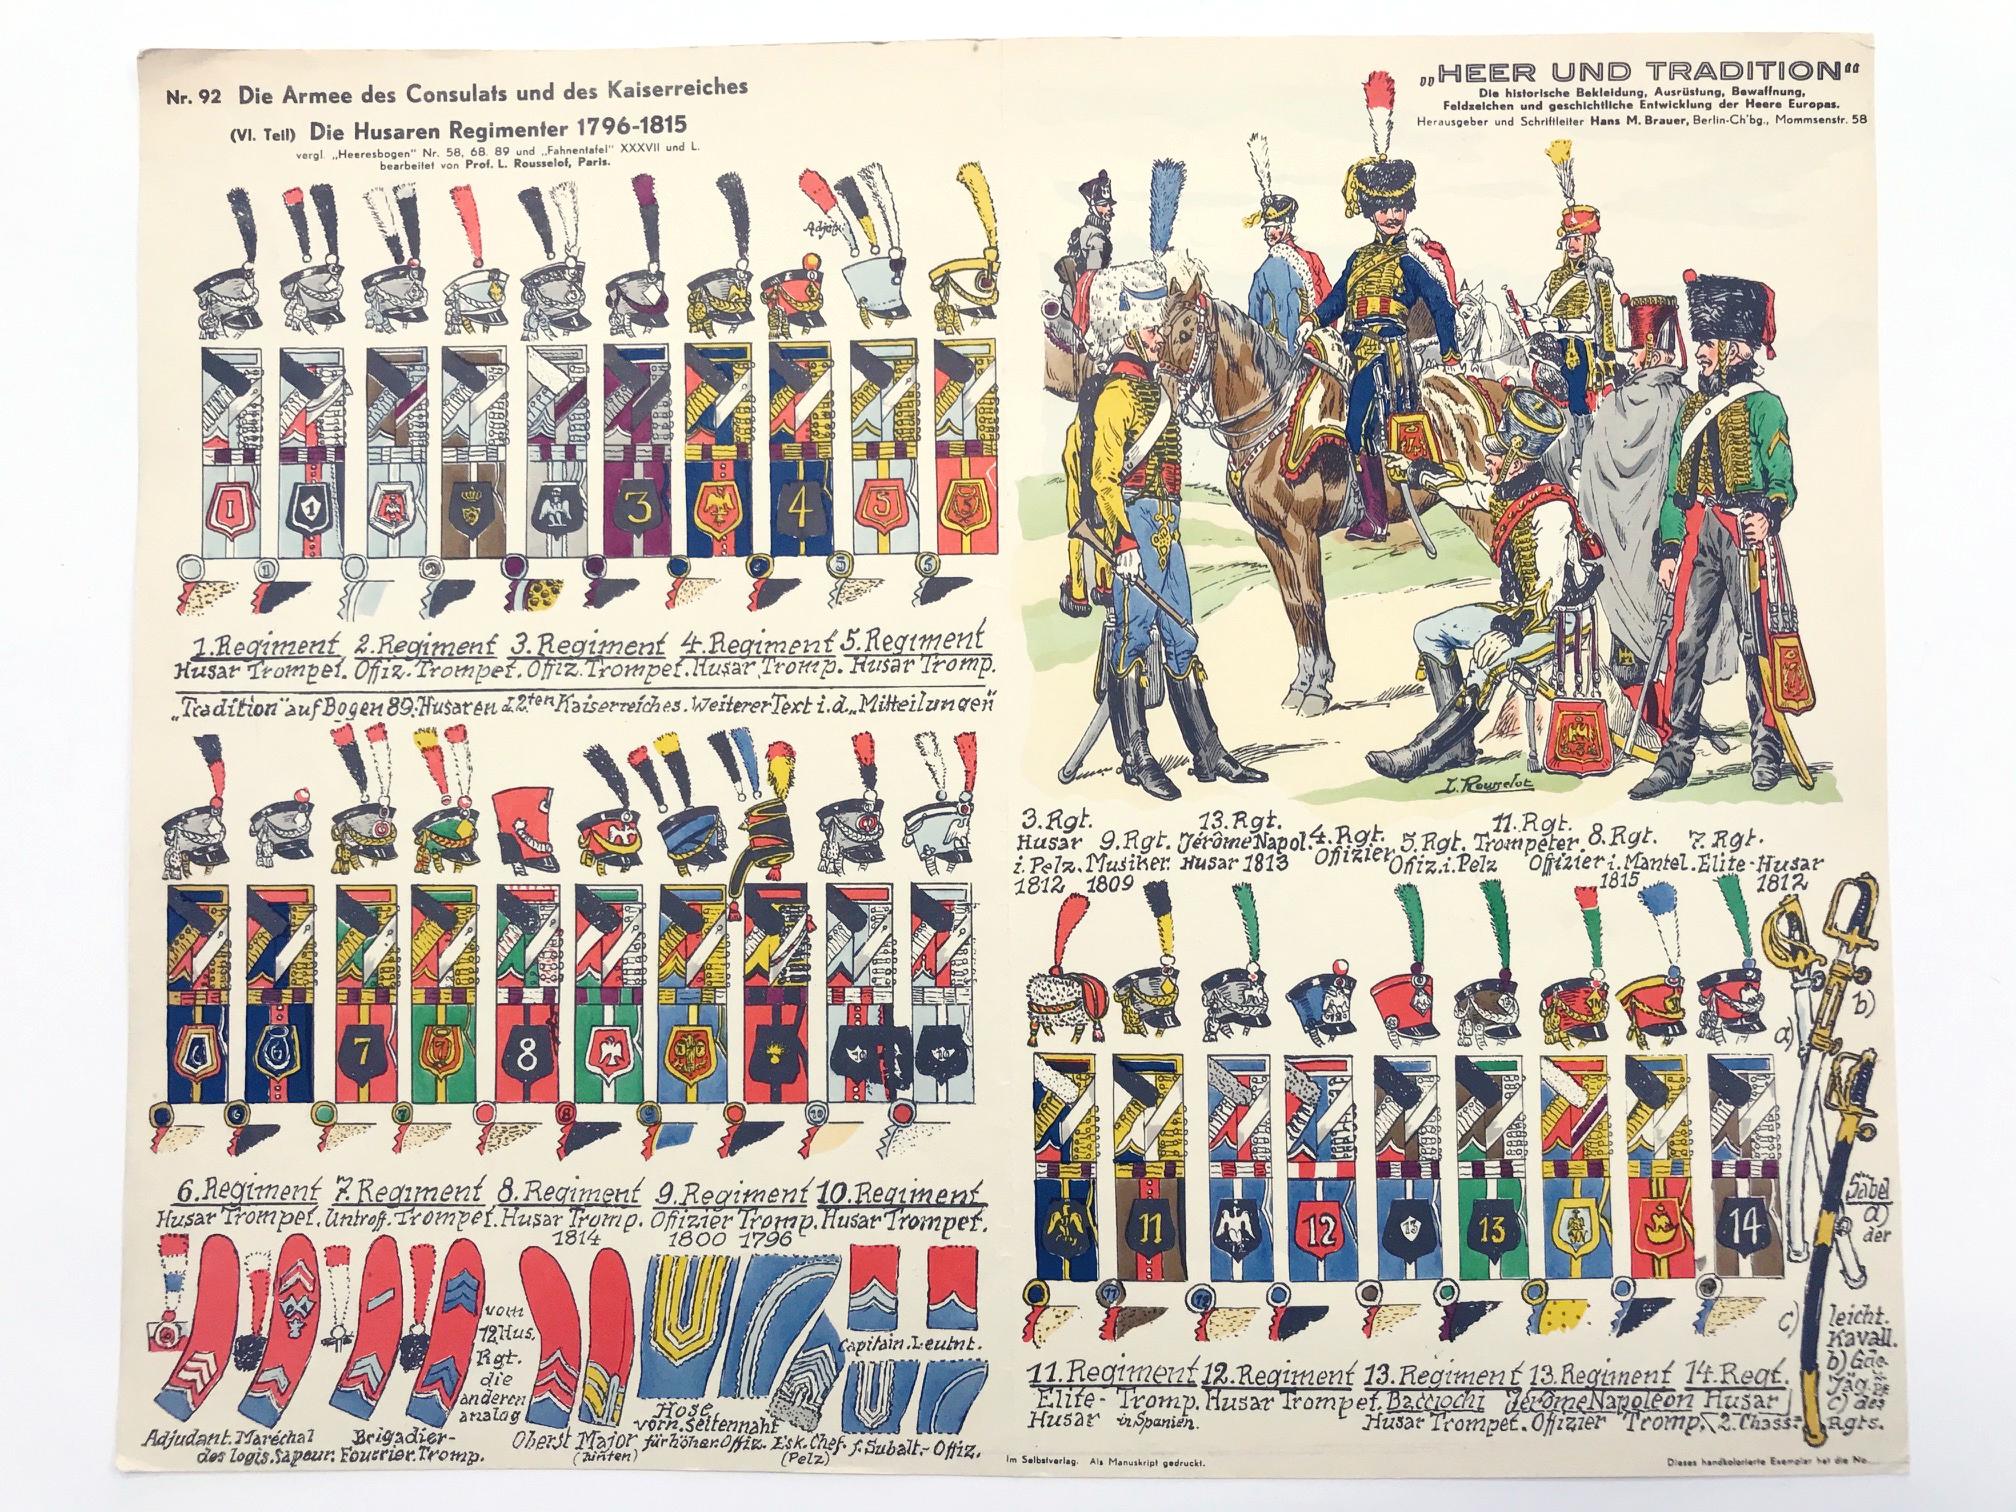 Planche 58 - Heer Und Tradition - Hans Bauer - Uniforme - Napoleon 1er Husaren - 1796 -1815 - Die Historische Uniformierung